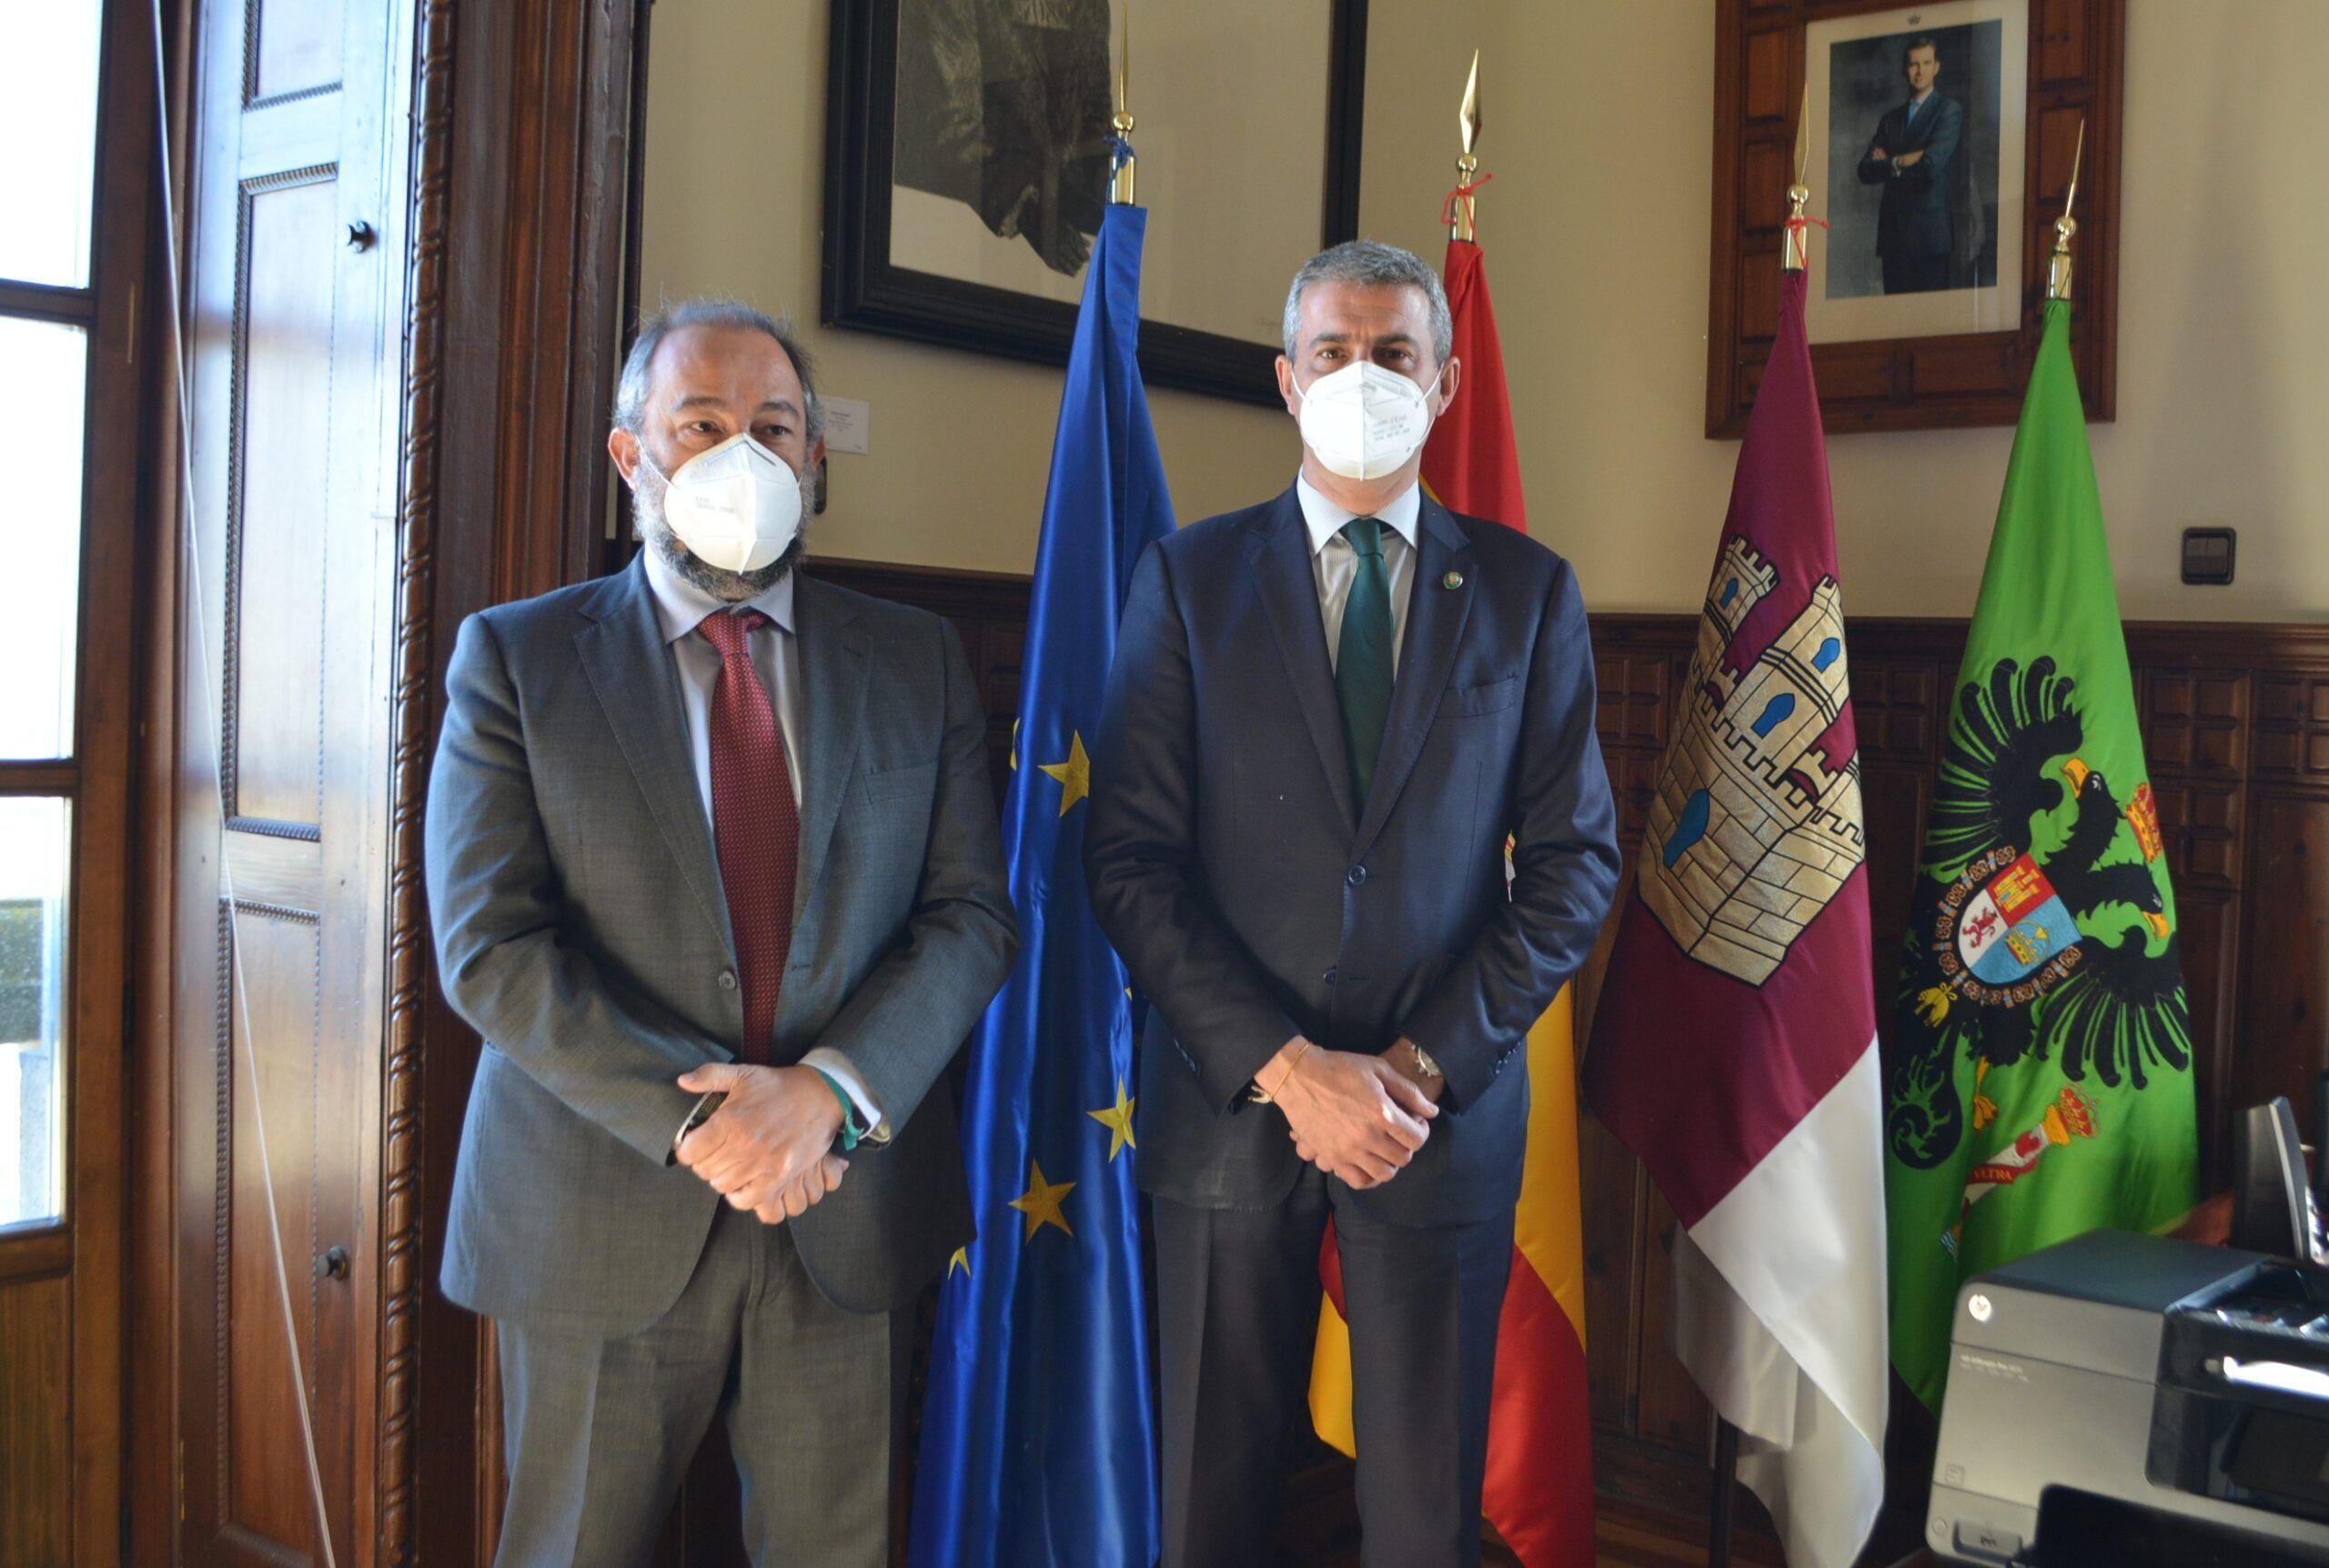 Álvaro Gutiérrez y Julián Garde destacan el alto grado de colaboración entre Diputación y Universidad de Castilla-La Mancha